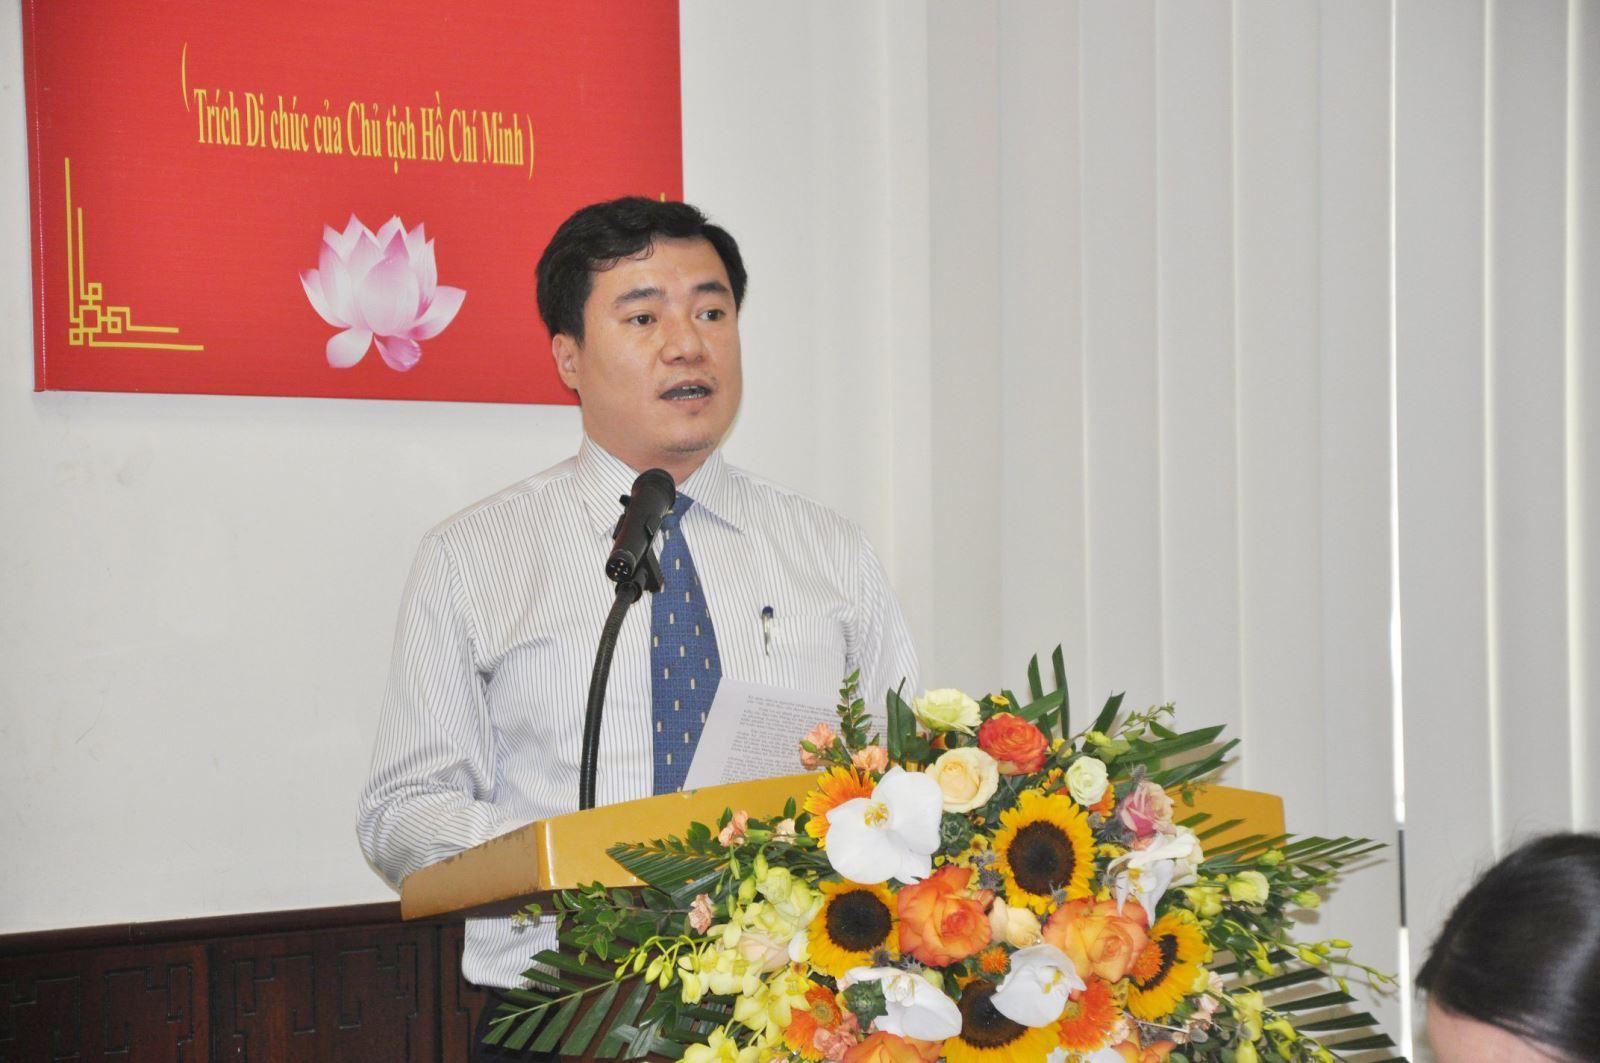 Ông Nguyễn Sinh Nhật Tân. Ảnh: VGP